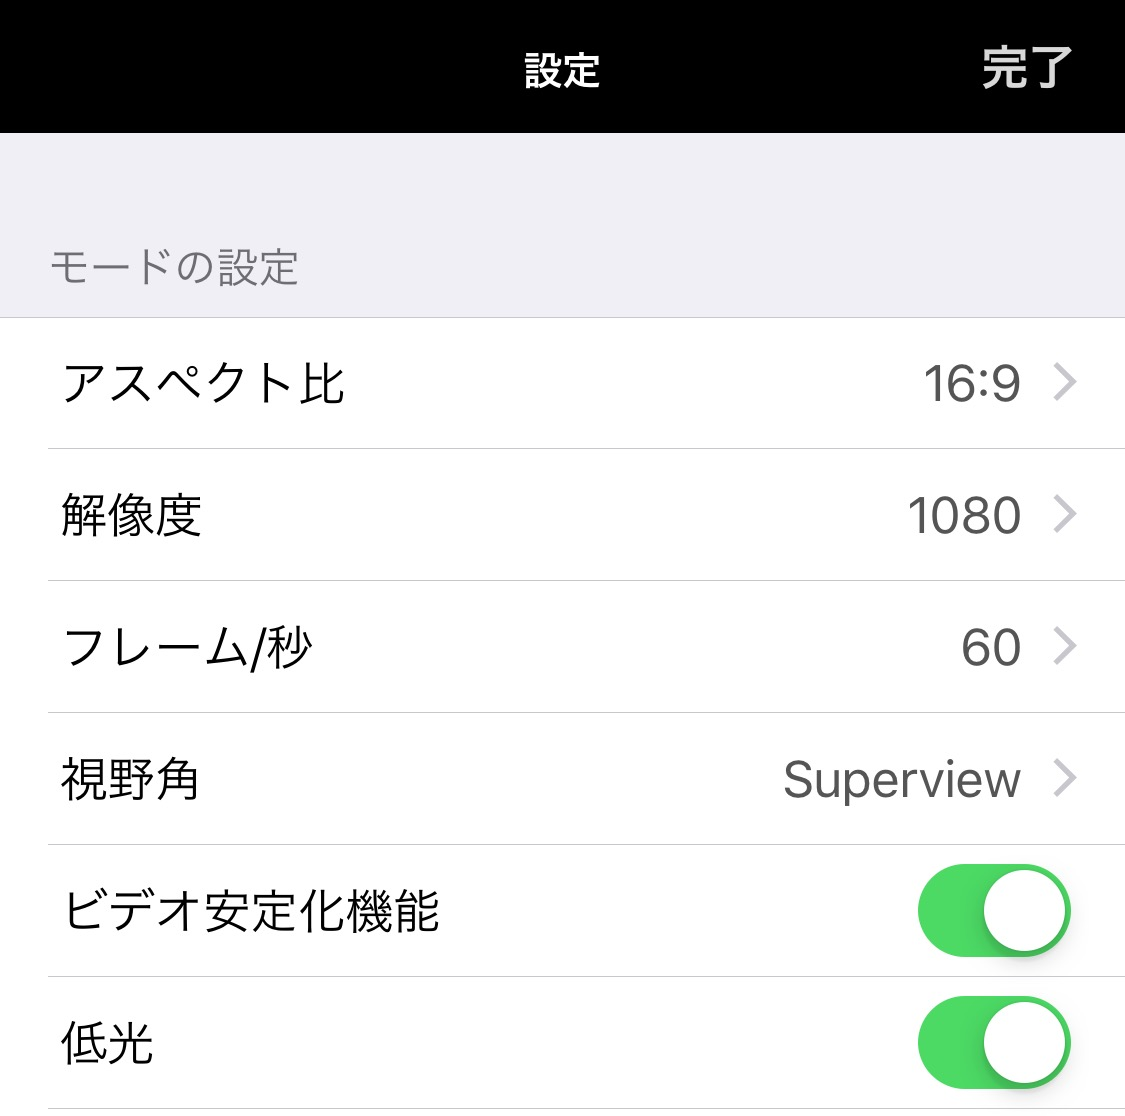 GoPro HERO7 Black アプリ 設定